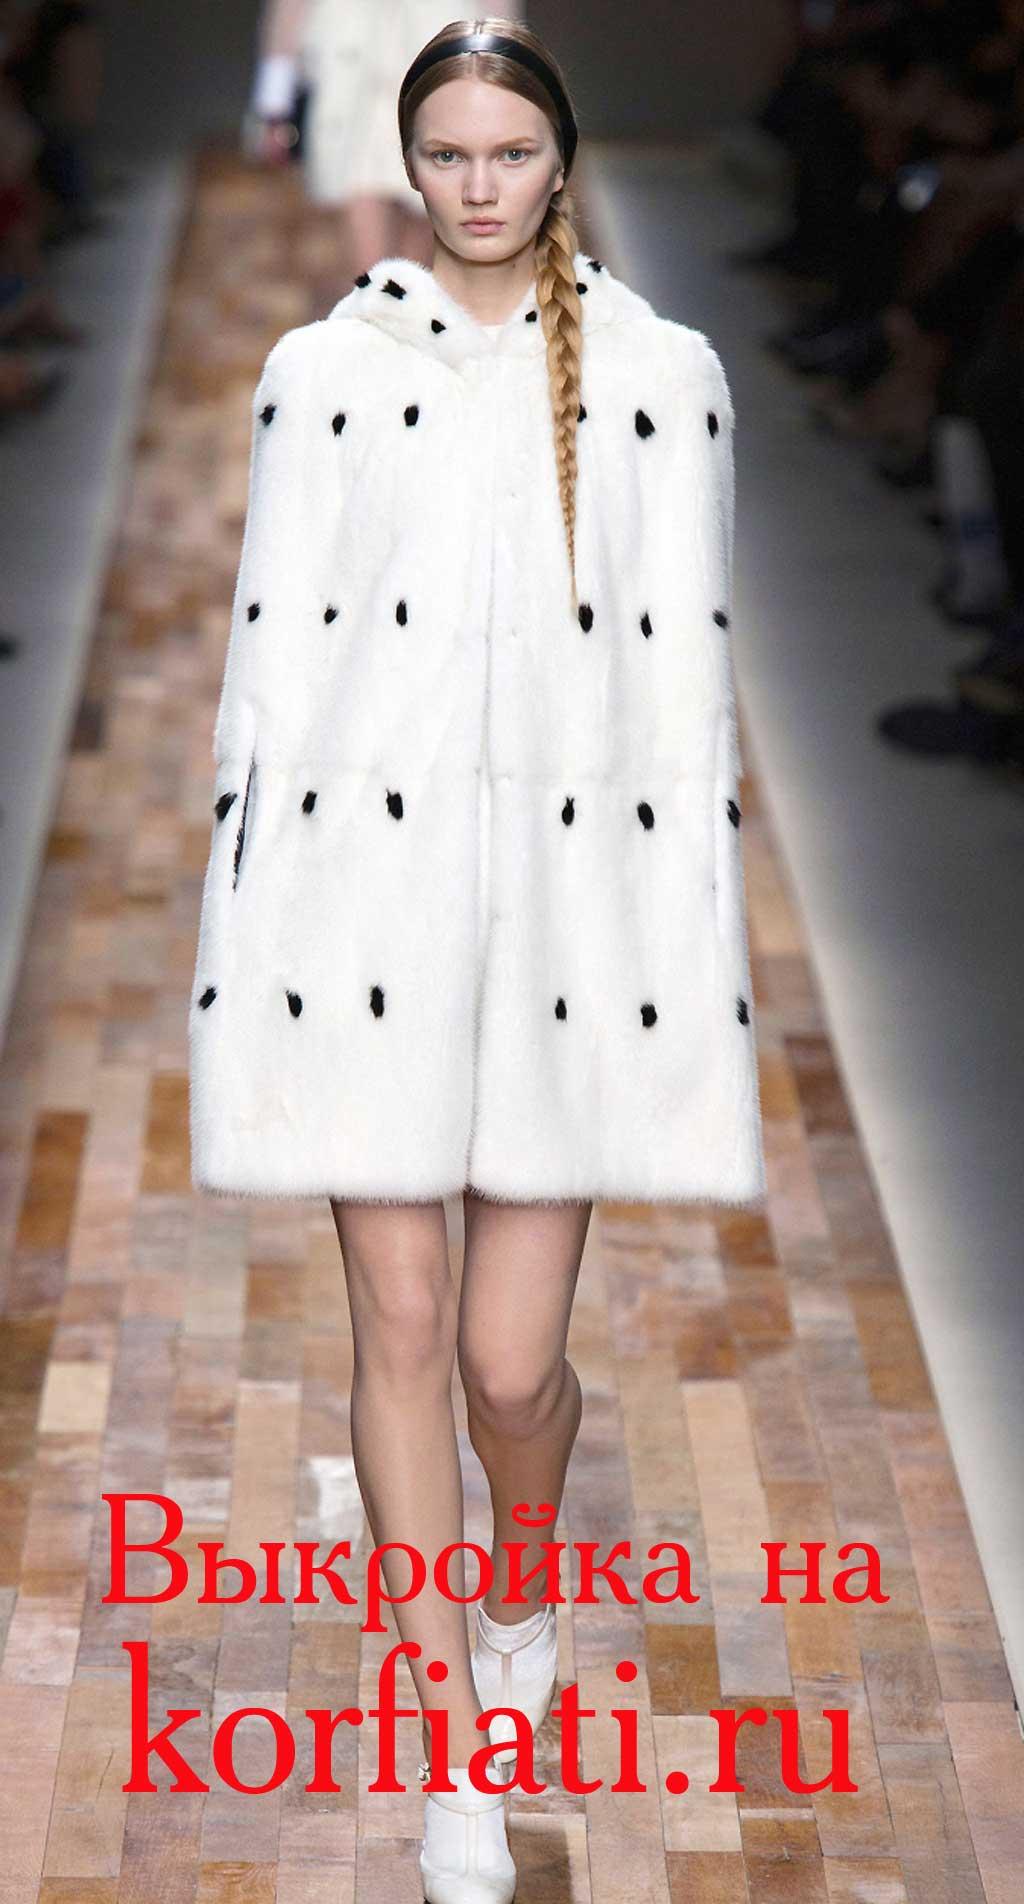 Накидка-пальто своими руками выкройка фото 6